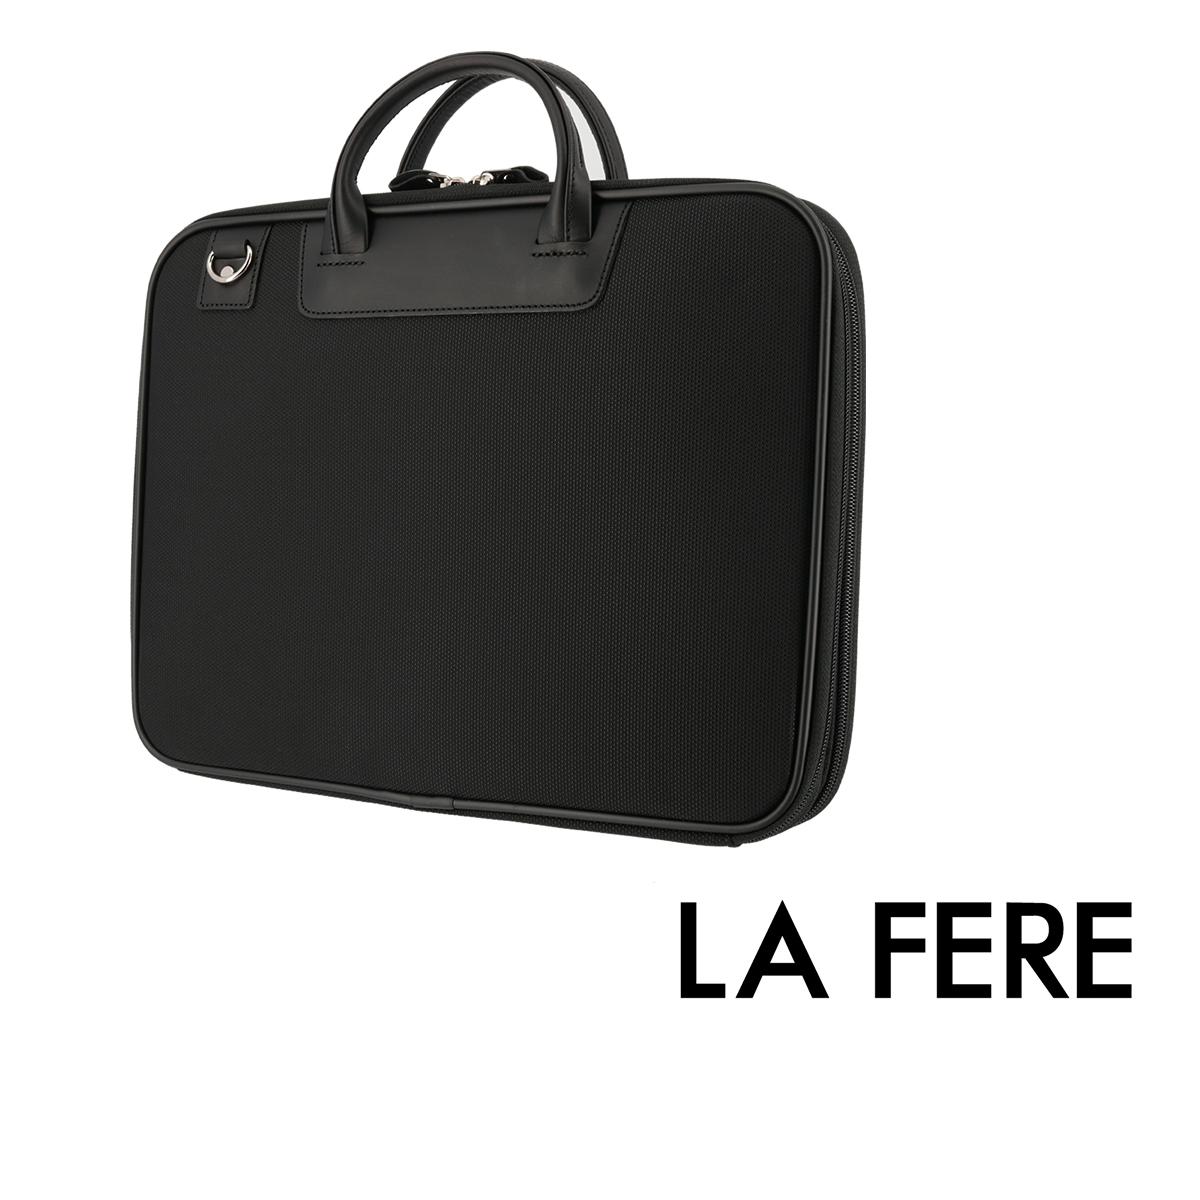 青木鞄 ラフェール ブリーフケース オプス 6717  LA FERE ビジネスバッグ メンズ 日本製 中空糸ナイロン[bef]